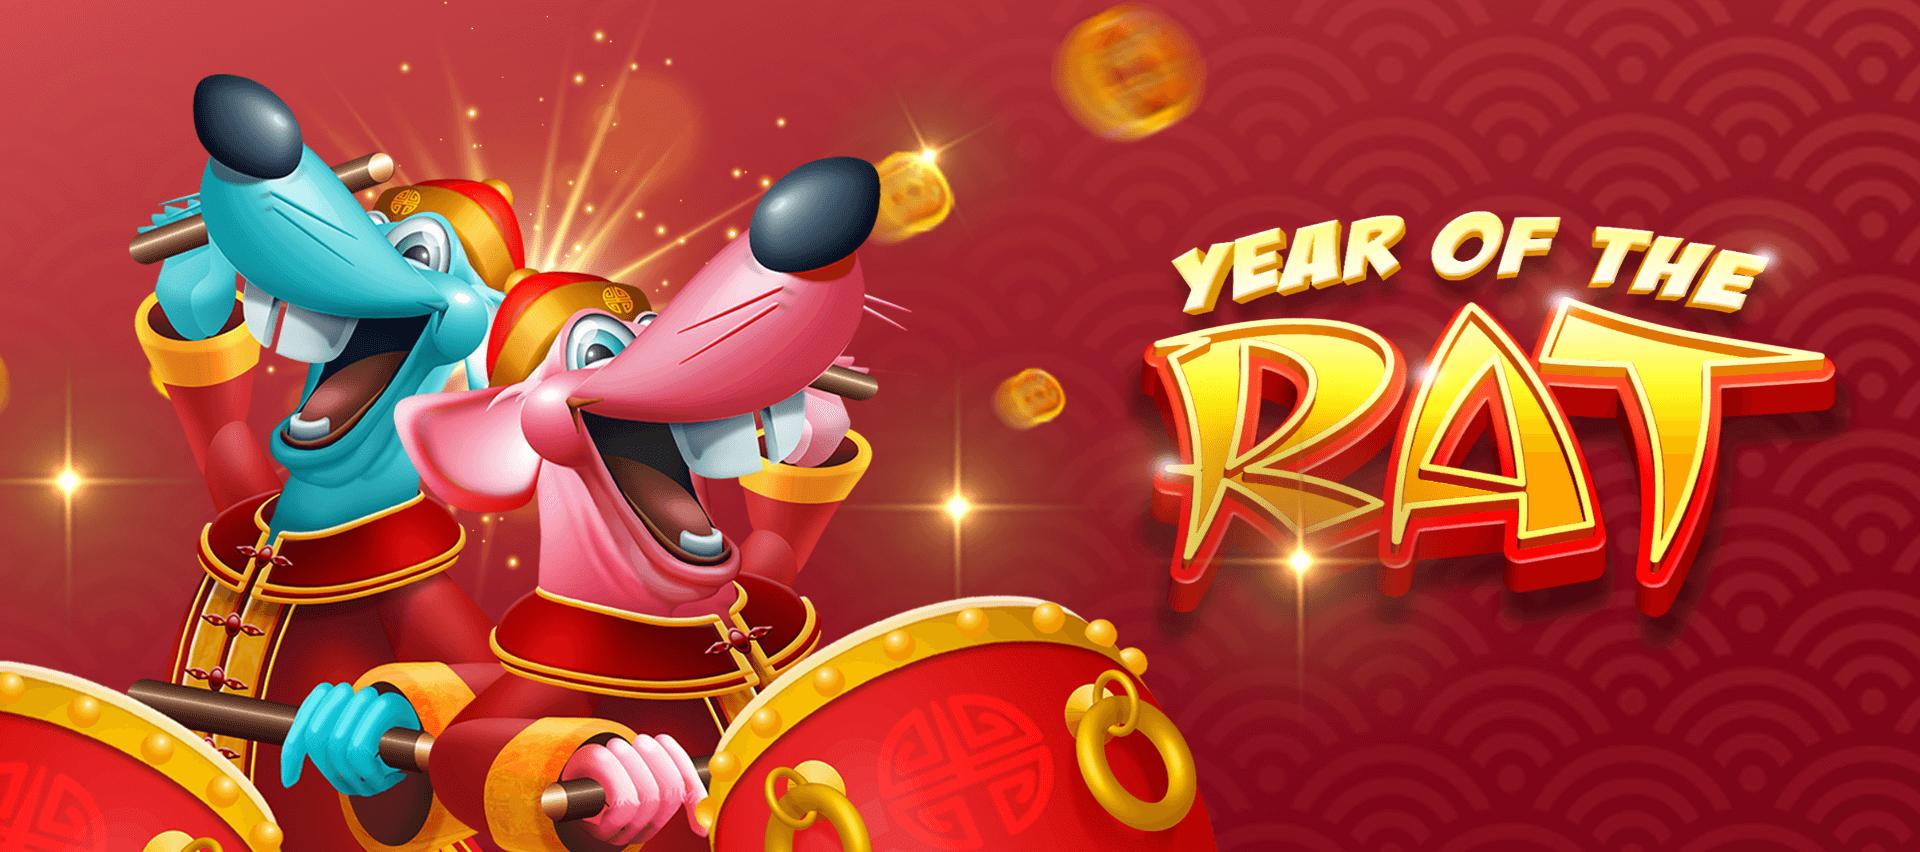 Казино Вулкан, Wylkanz Games, игровой автомат Year of the Rat, азартные игры, играть на деньги, игровые слоты, гэмблинг, онлайн, эмуляторы, мобильное казино, Year of the Rat, Vulcan Casino, Genesis Gaming, Viking Treasures, Hit It Hard, Dragon Blast, Temple Stacks, Skulls UP!